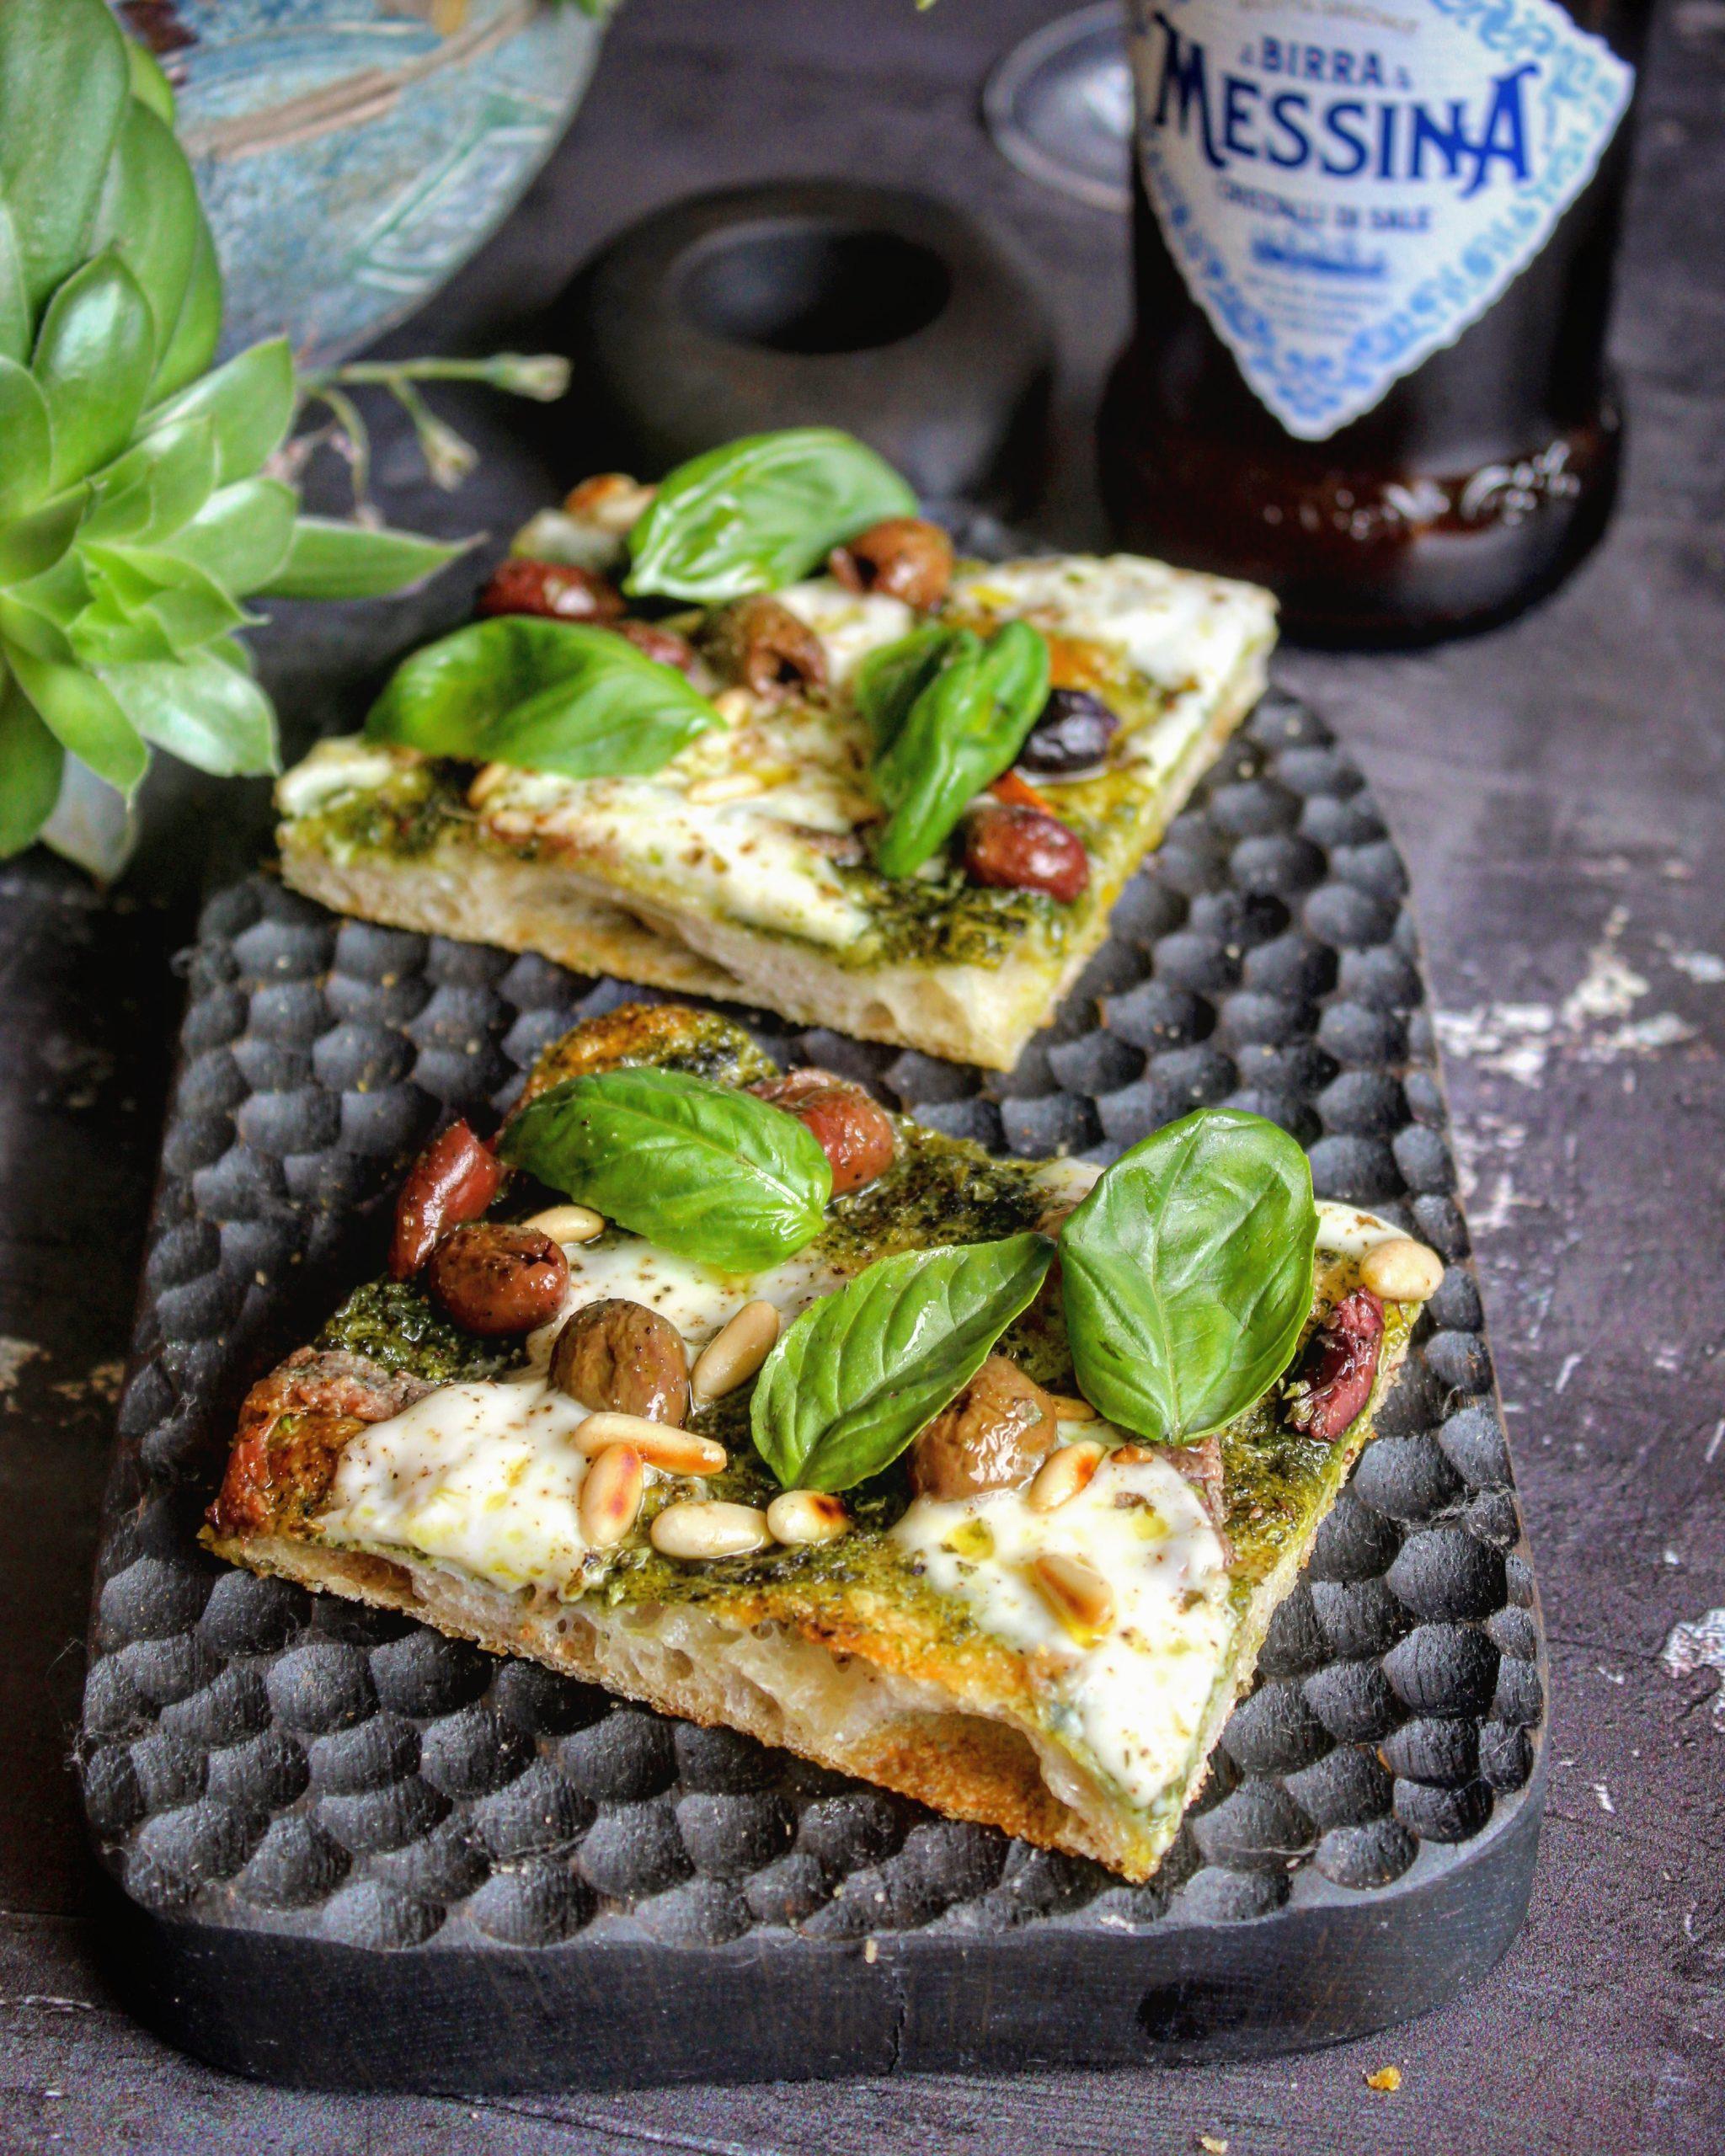 Pizza estratto al basilico acciughe taggiasche pinoli e squacquerone